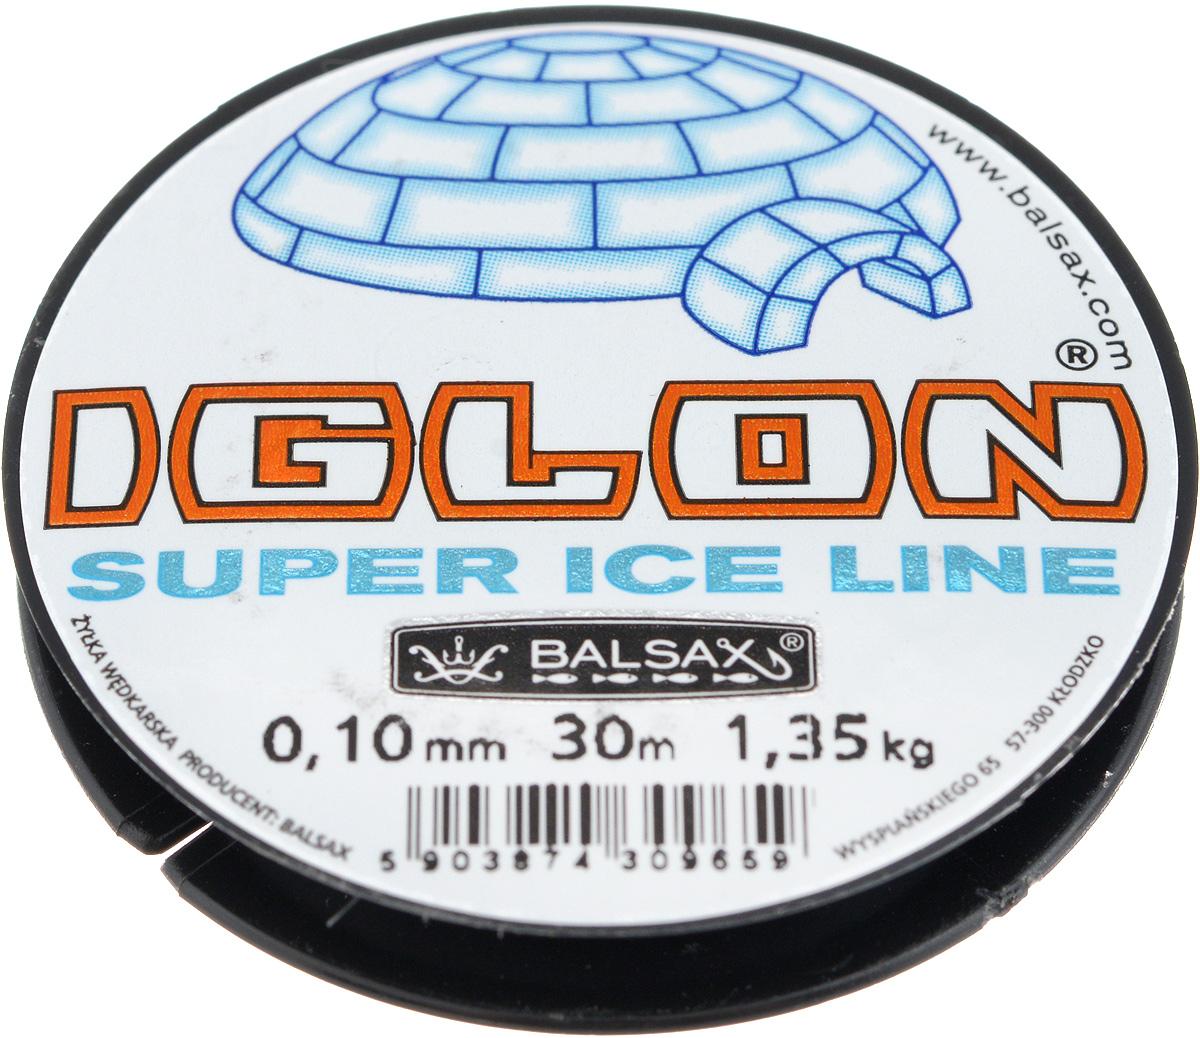 Леска зимняя Balsax Iglon, 30 м, 0,10 мм, 1,35 кг312-06010Леска Balsax Iglon изготовлена из 100% нейлона и очень хорошо выдерживаетнизкие температуры. Даже в самом холодном климате, при температуре вплотьдо -40°C, она сохраняет свои свойствапрактически без изменений, в то время как традиционные лески становятся менееэластичными и теряют прочность. Поверхность лески обработана таким образом, что она не обмерзает и отличноподходит для подледного лова. Прочна вместах вязки узлов даже при минимальном диаметре.